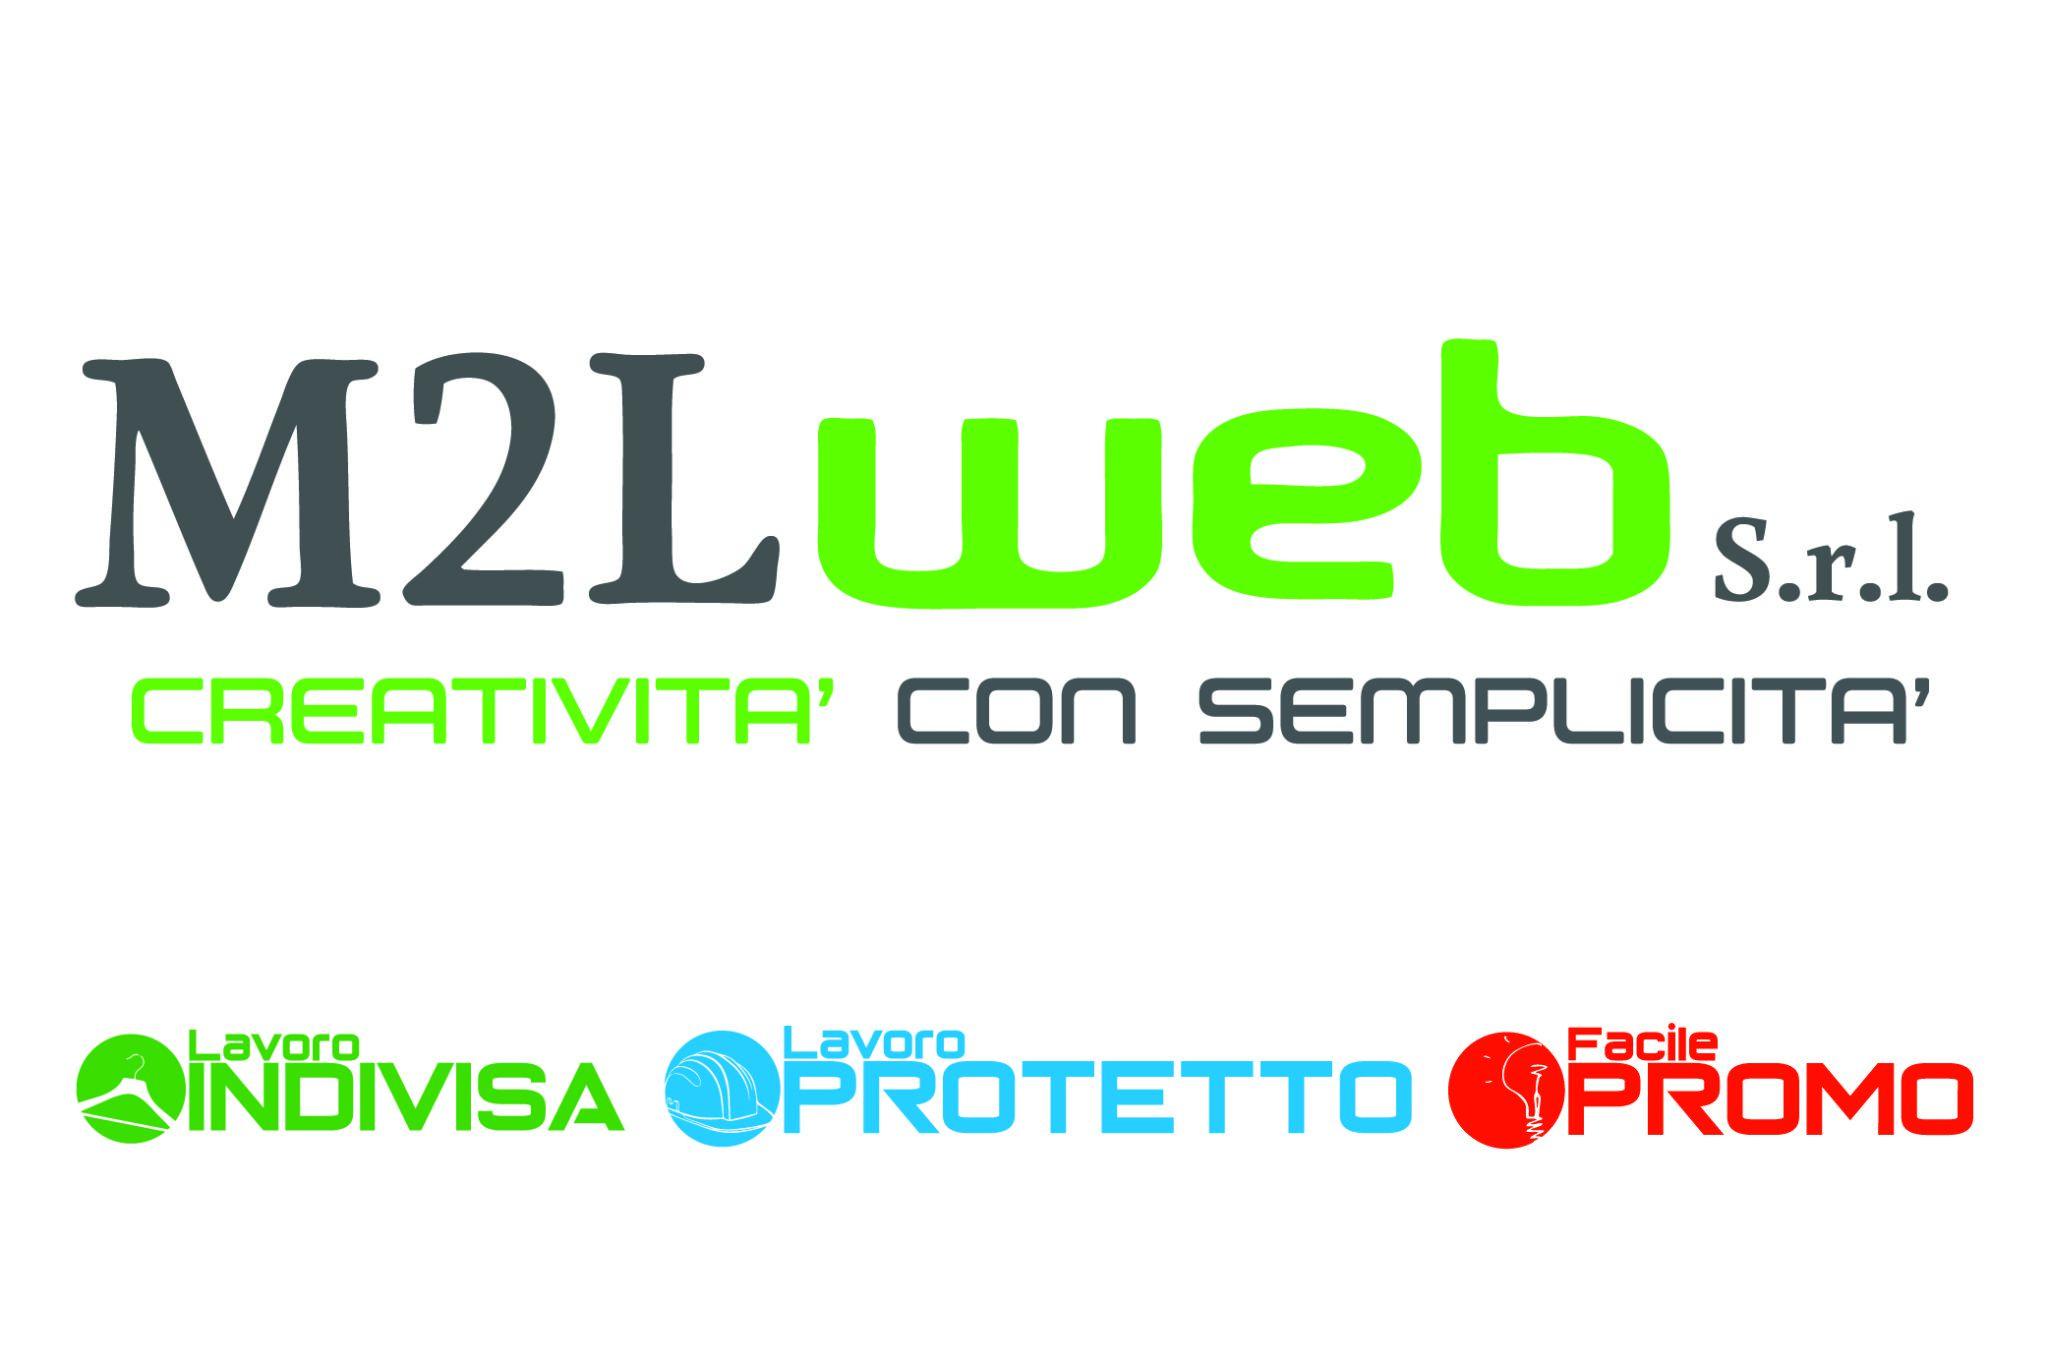 M2lweb